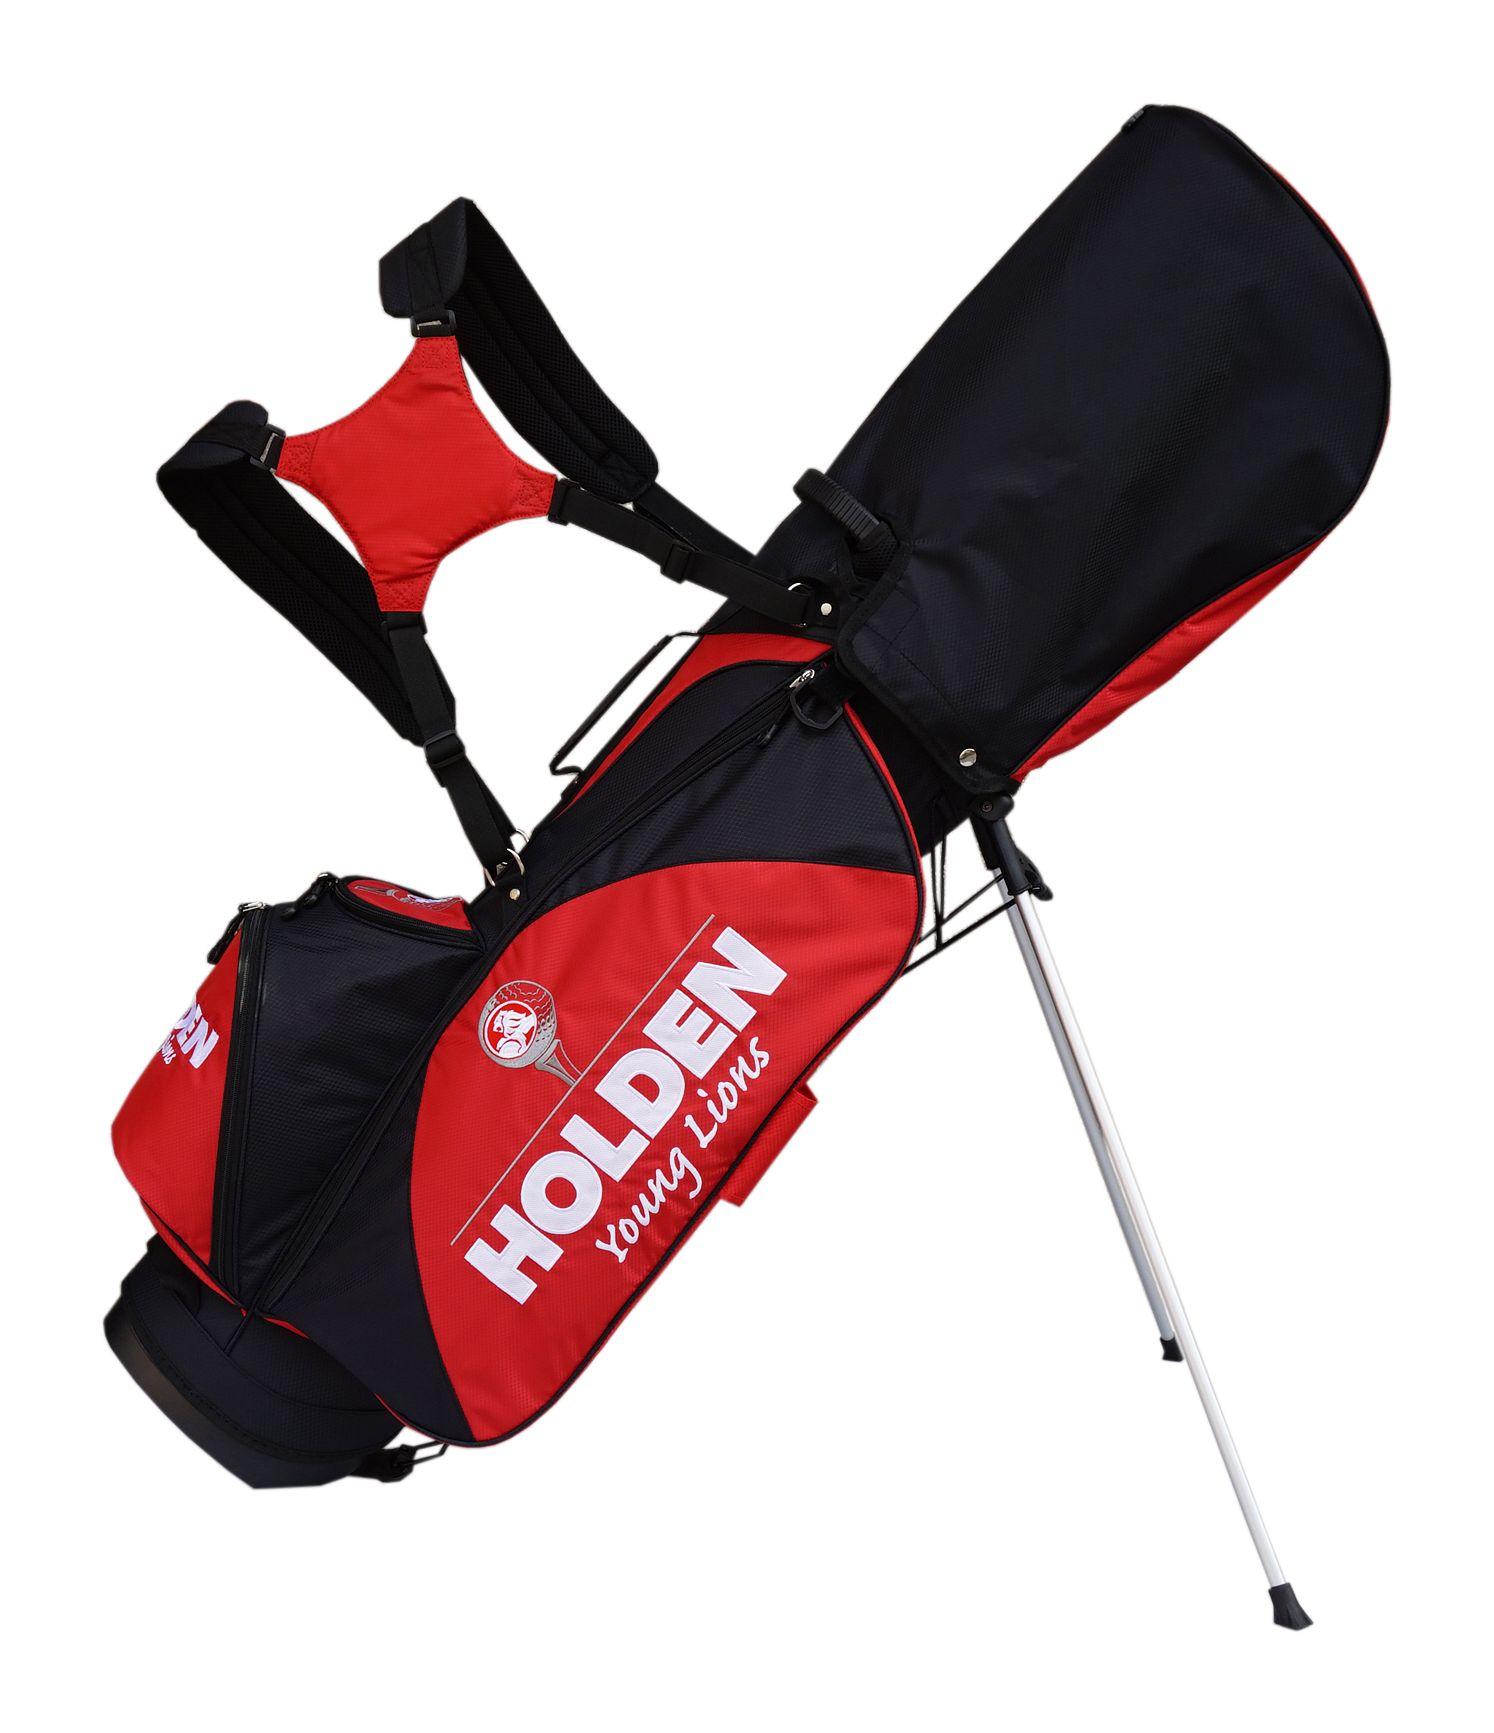 """客製化高爾夫腳架袋 9"""" 吋 ,6格頭框 6個口袋 .面料聚酯纖維(polyester) 黑色系搭半圓紅色LOGO"""